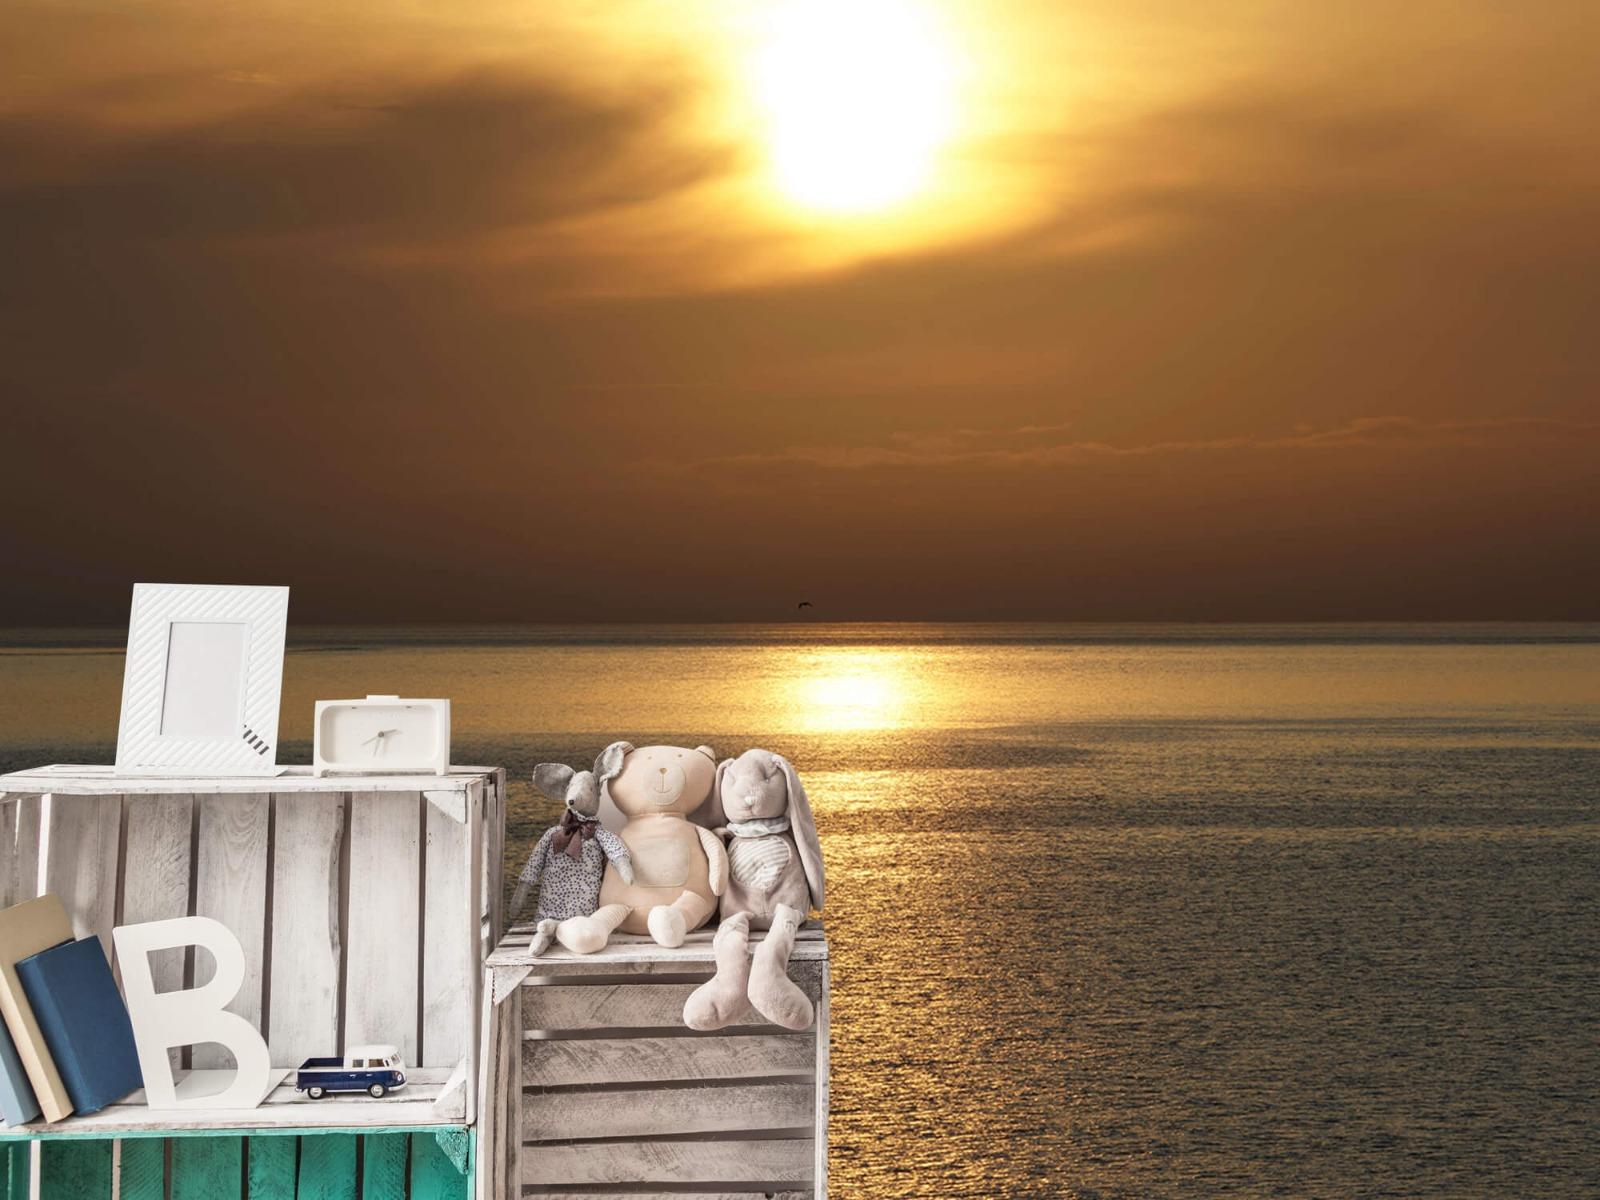 Zeeën en Oceanen - Zonsopkomst bij zee - Wallexclusive - Woonkamer 19